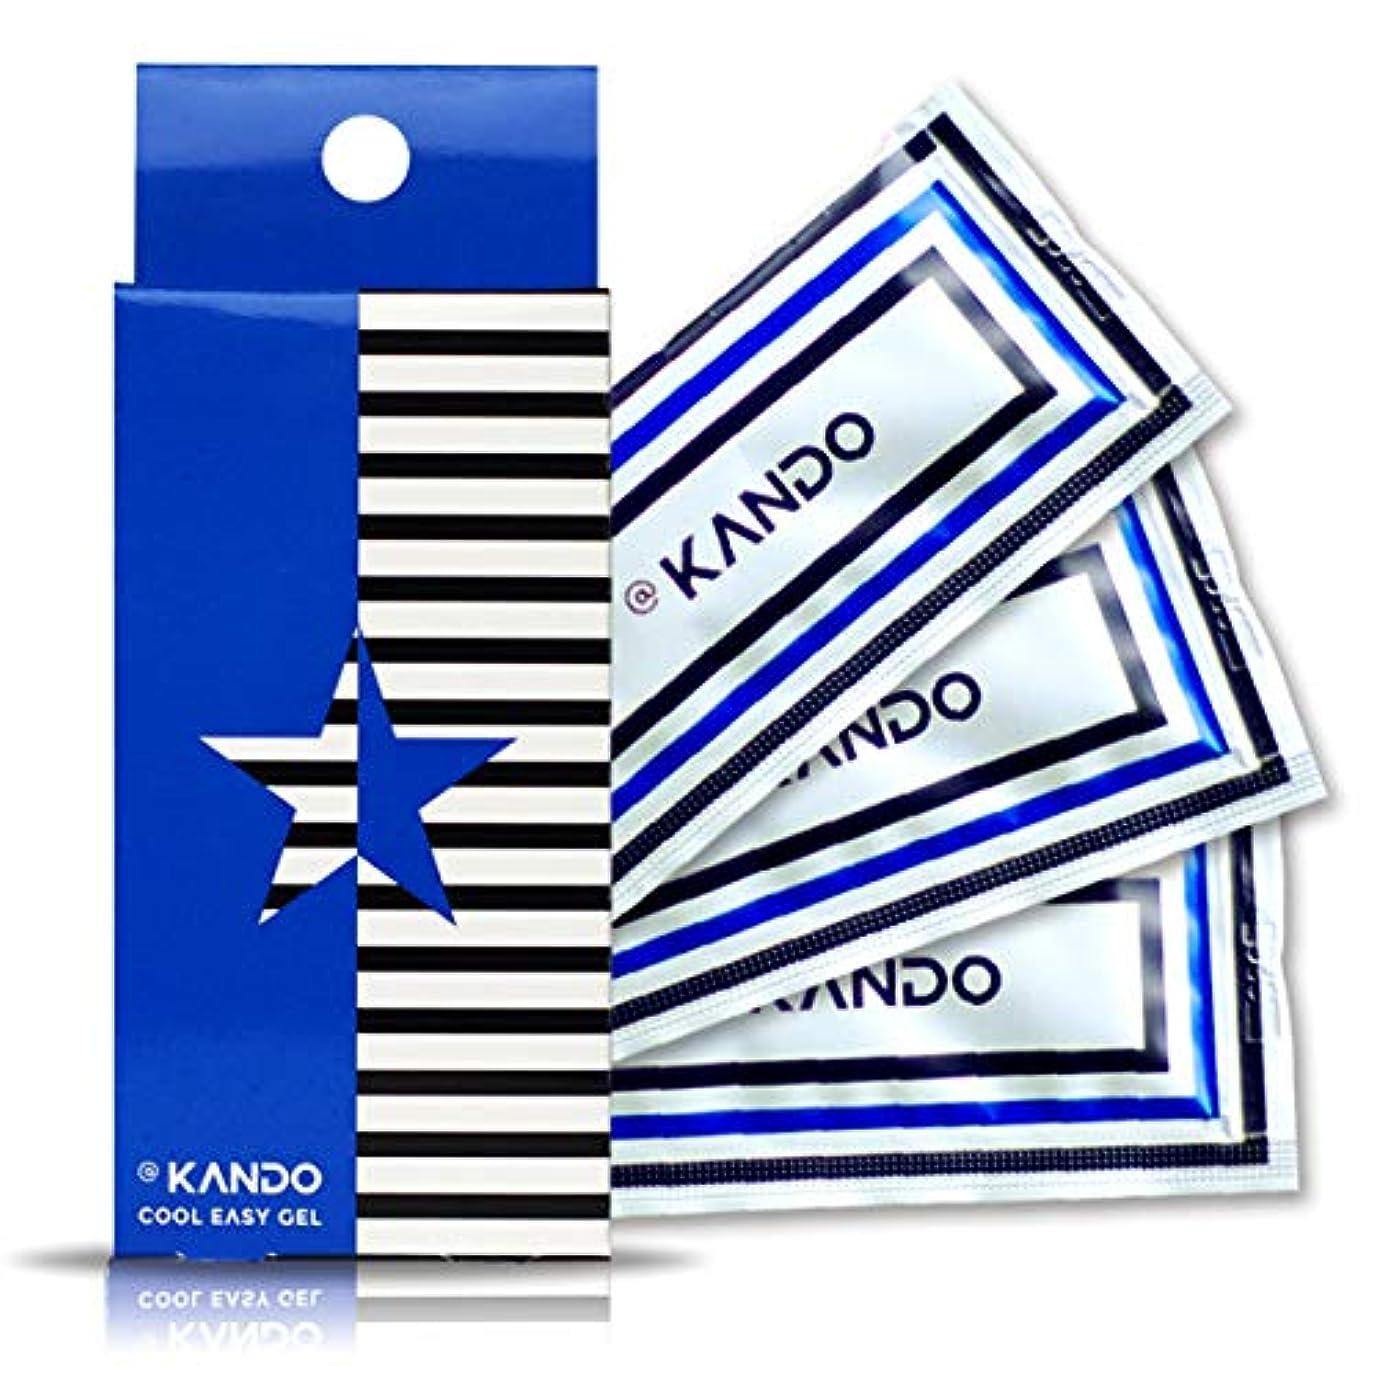 申請者因子癒す@KANDO アットカンドクールイージージェル(ボディマッサージジェル)5g×3包入 冷感タイプ